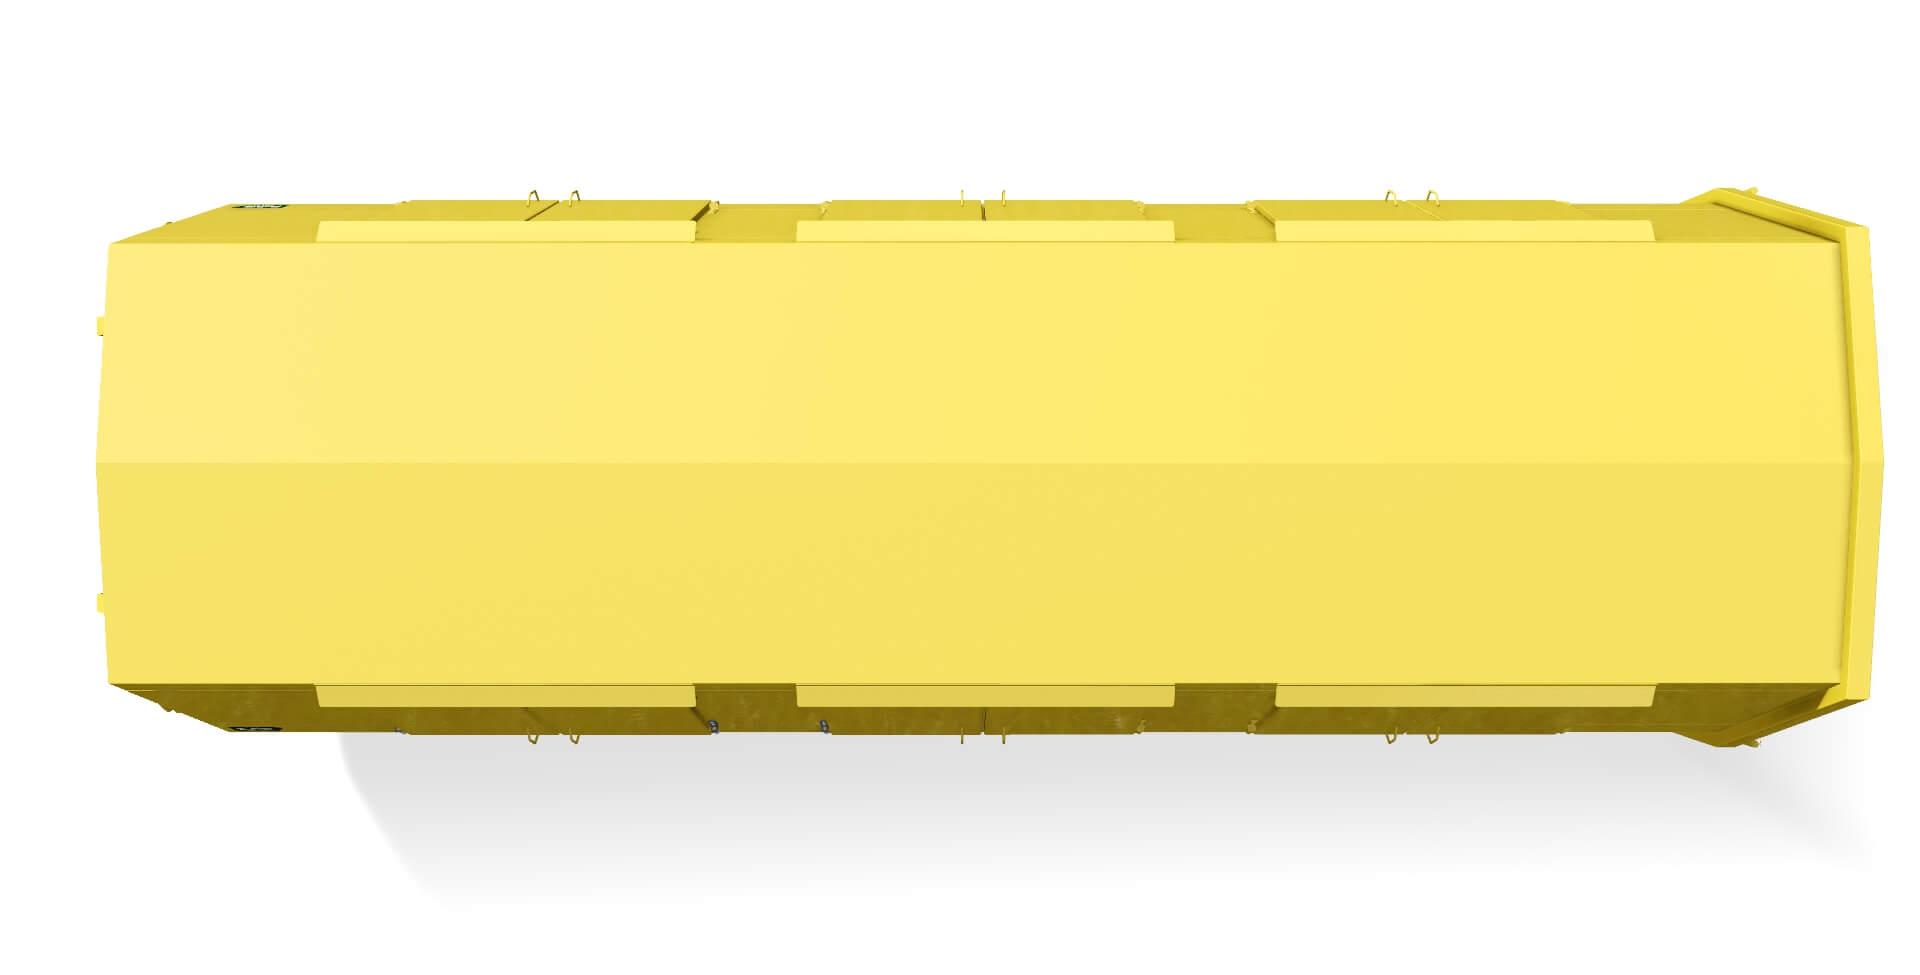 LV-L 20 ovan